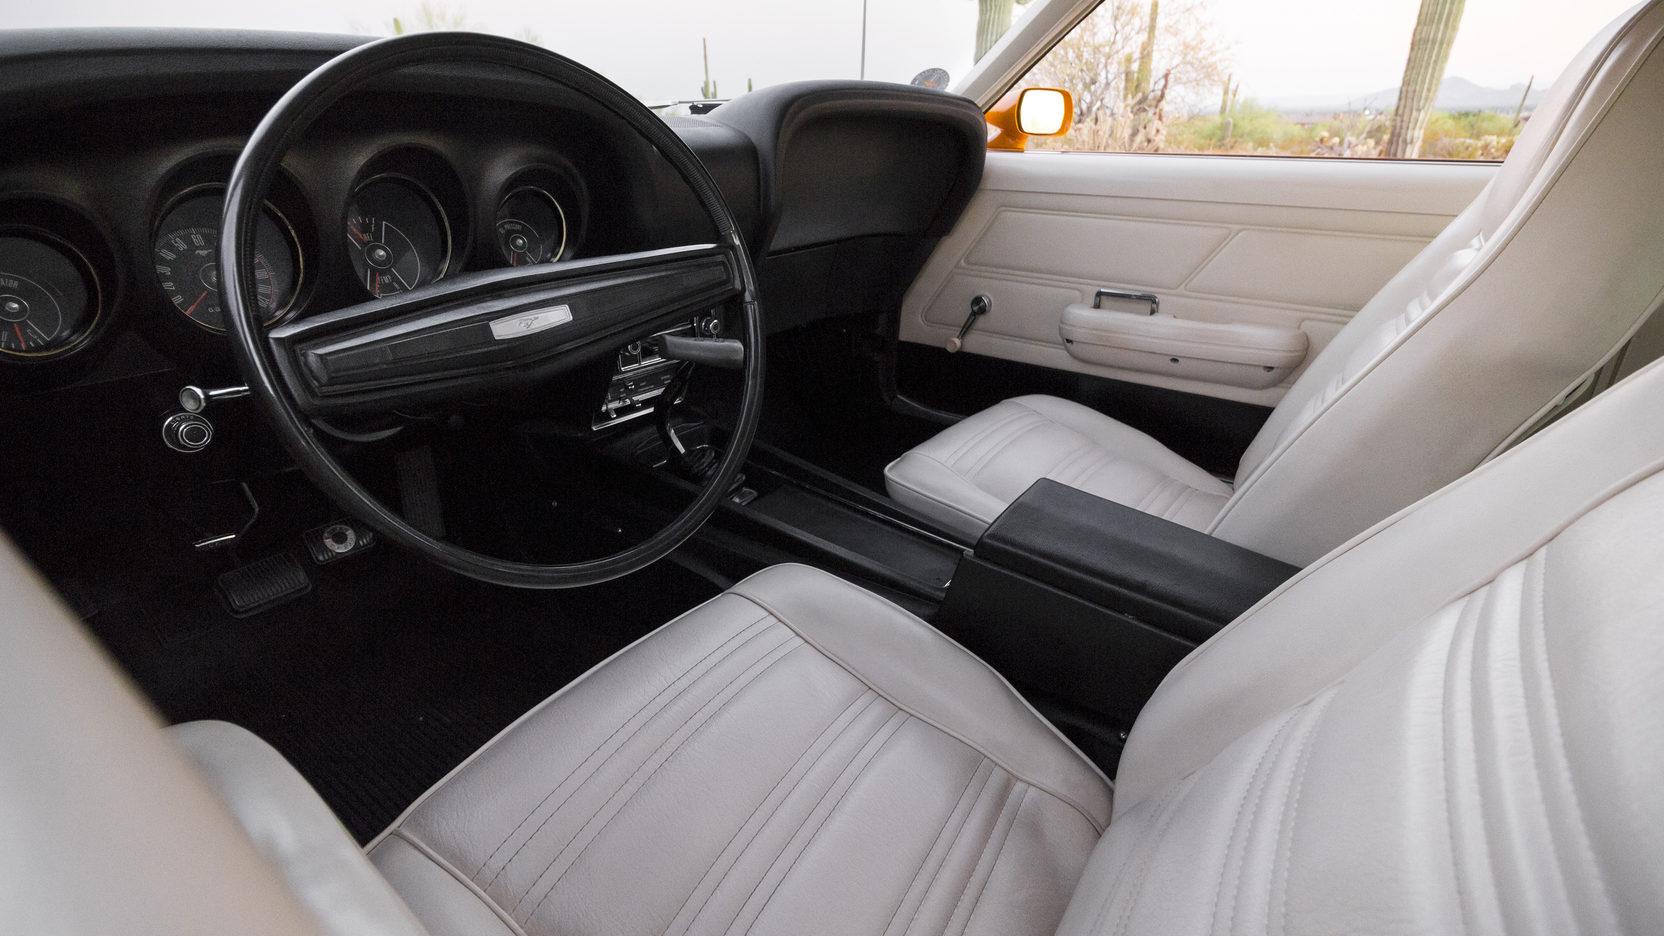 1970 Ford Mustang Boss 302 interior